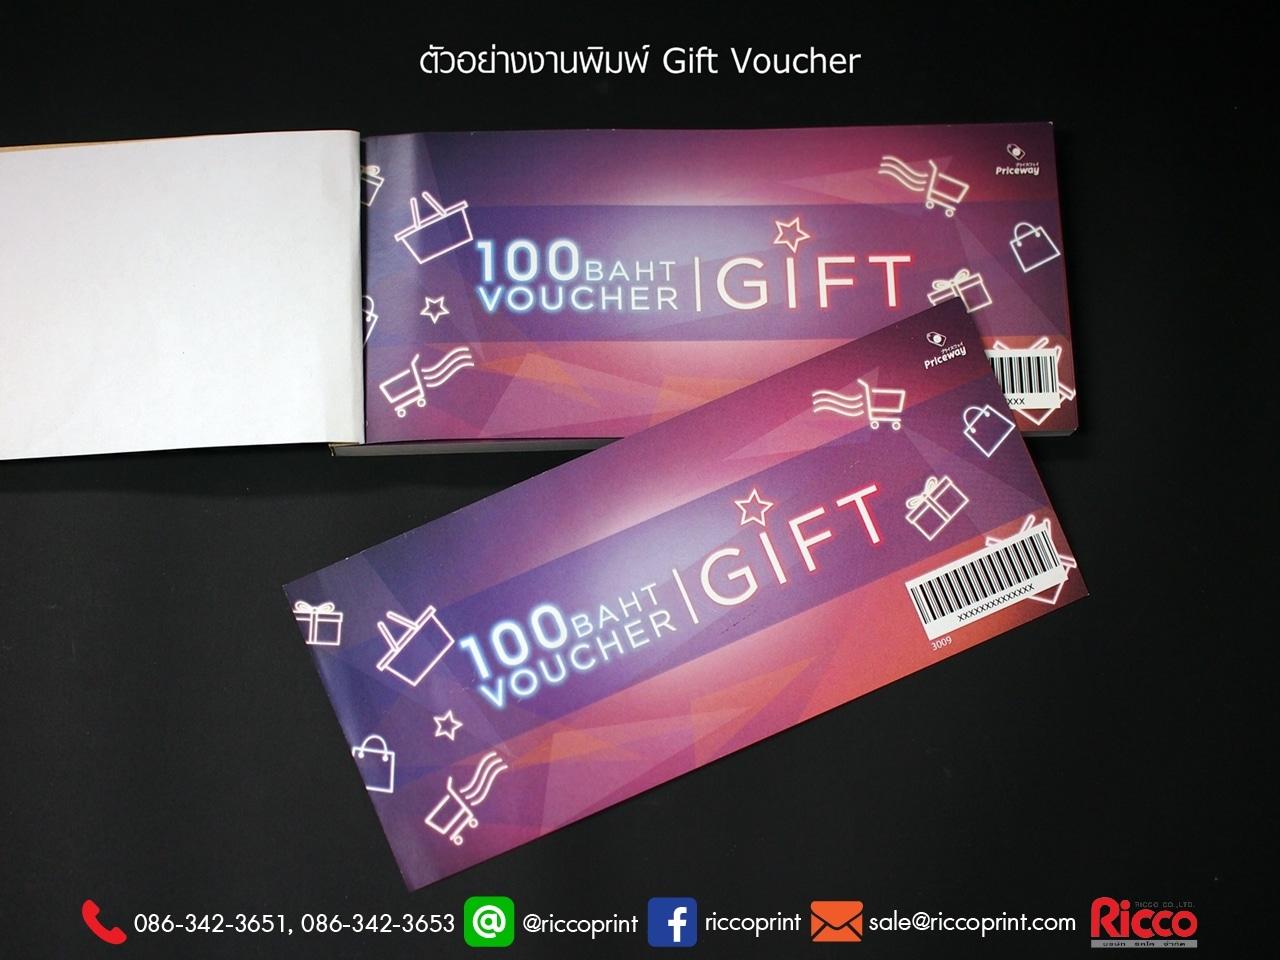 รูป Coupon Gift Voucher 2020 Priceway2 - ประกอบเนื้อหา คูปอง บัตรกำนัล ตั๋ว